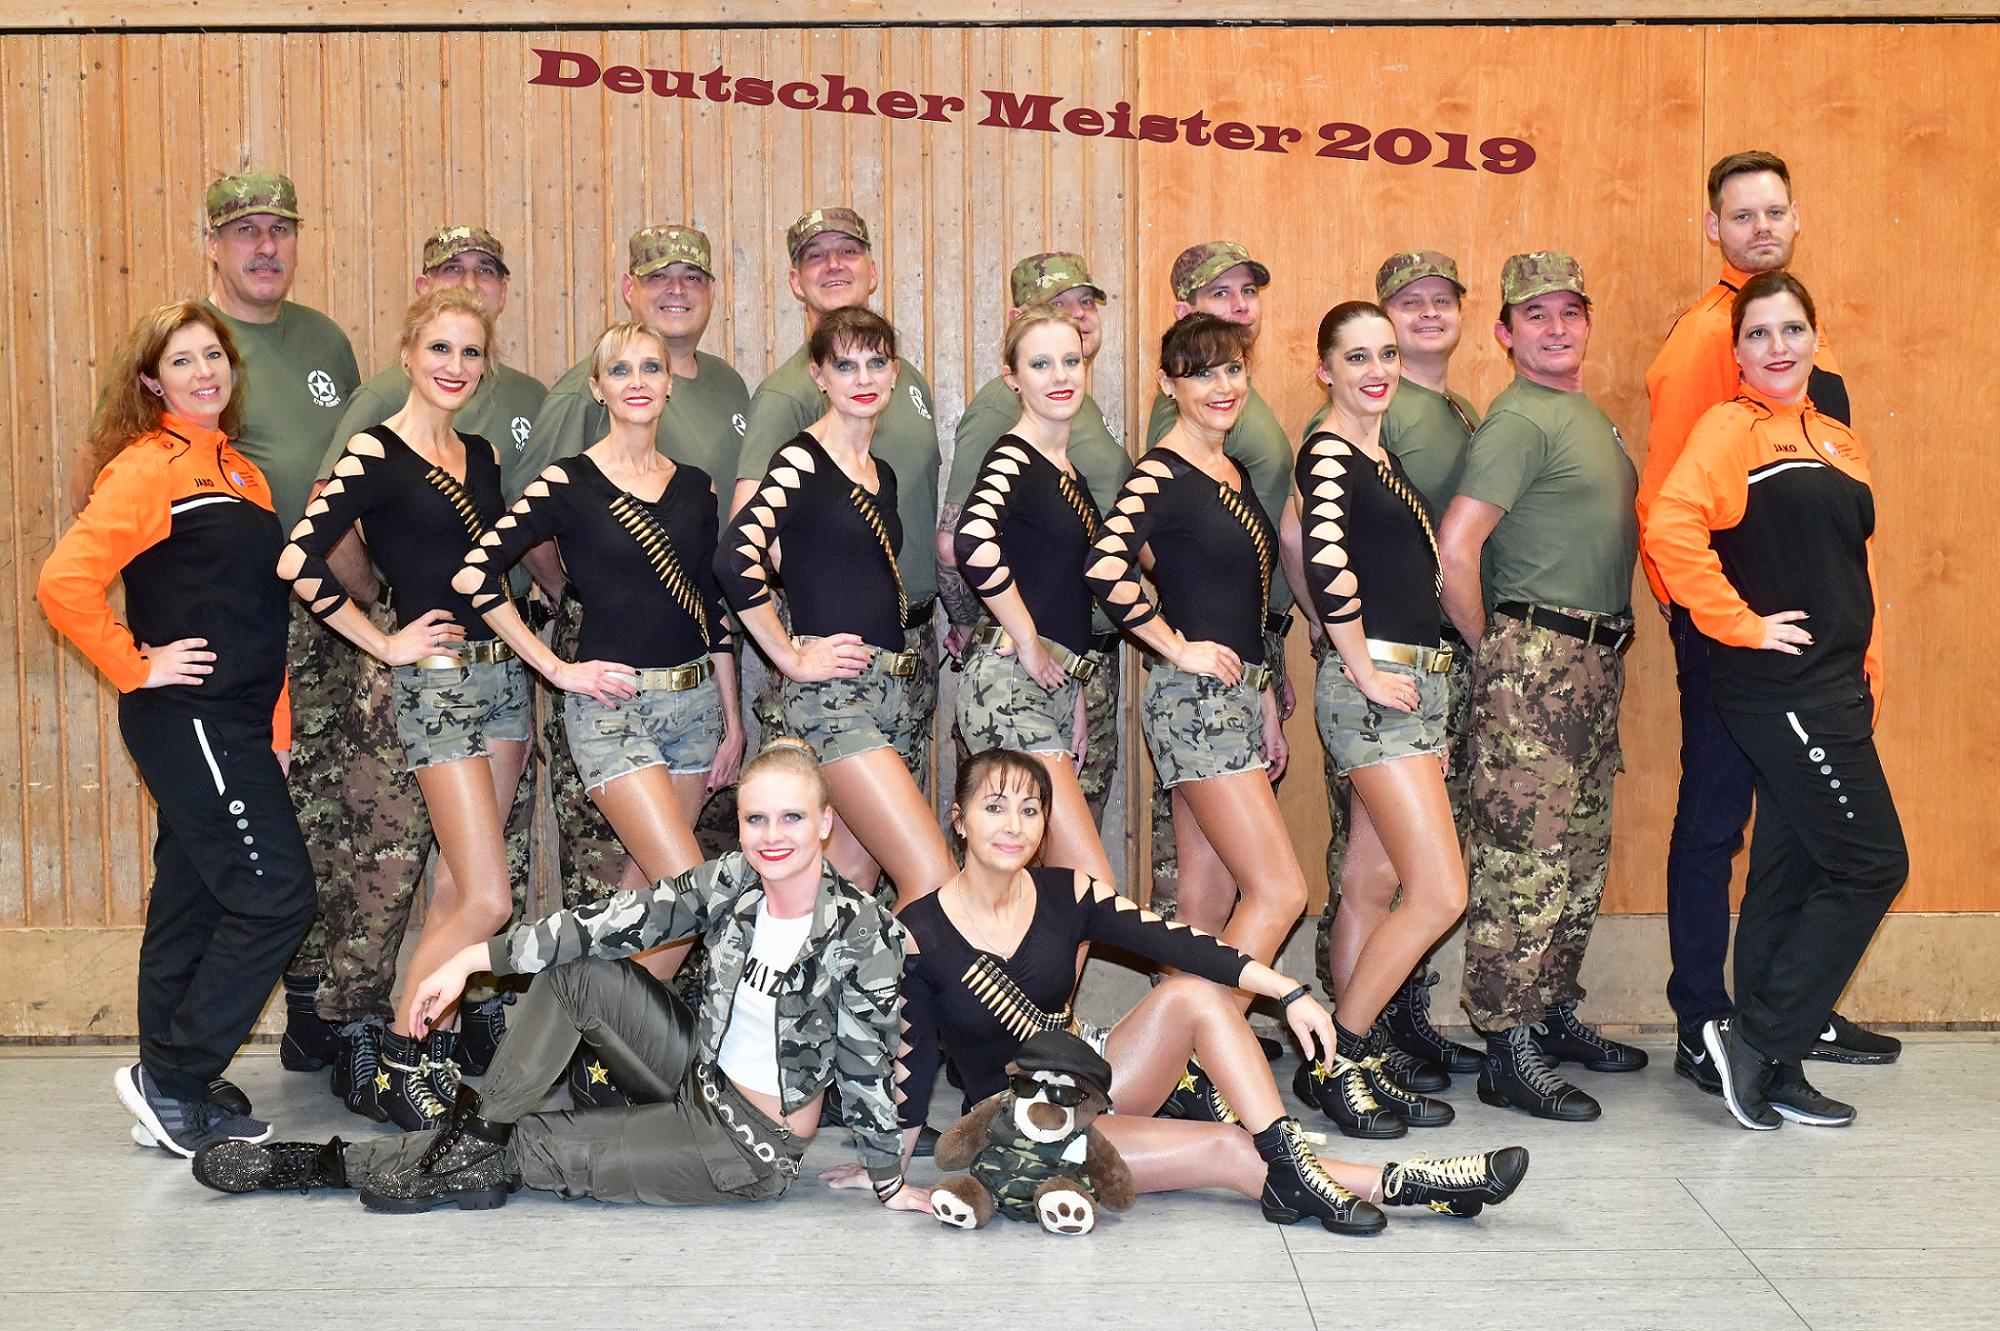 Deutscher Meister 2019